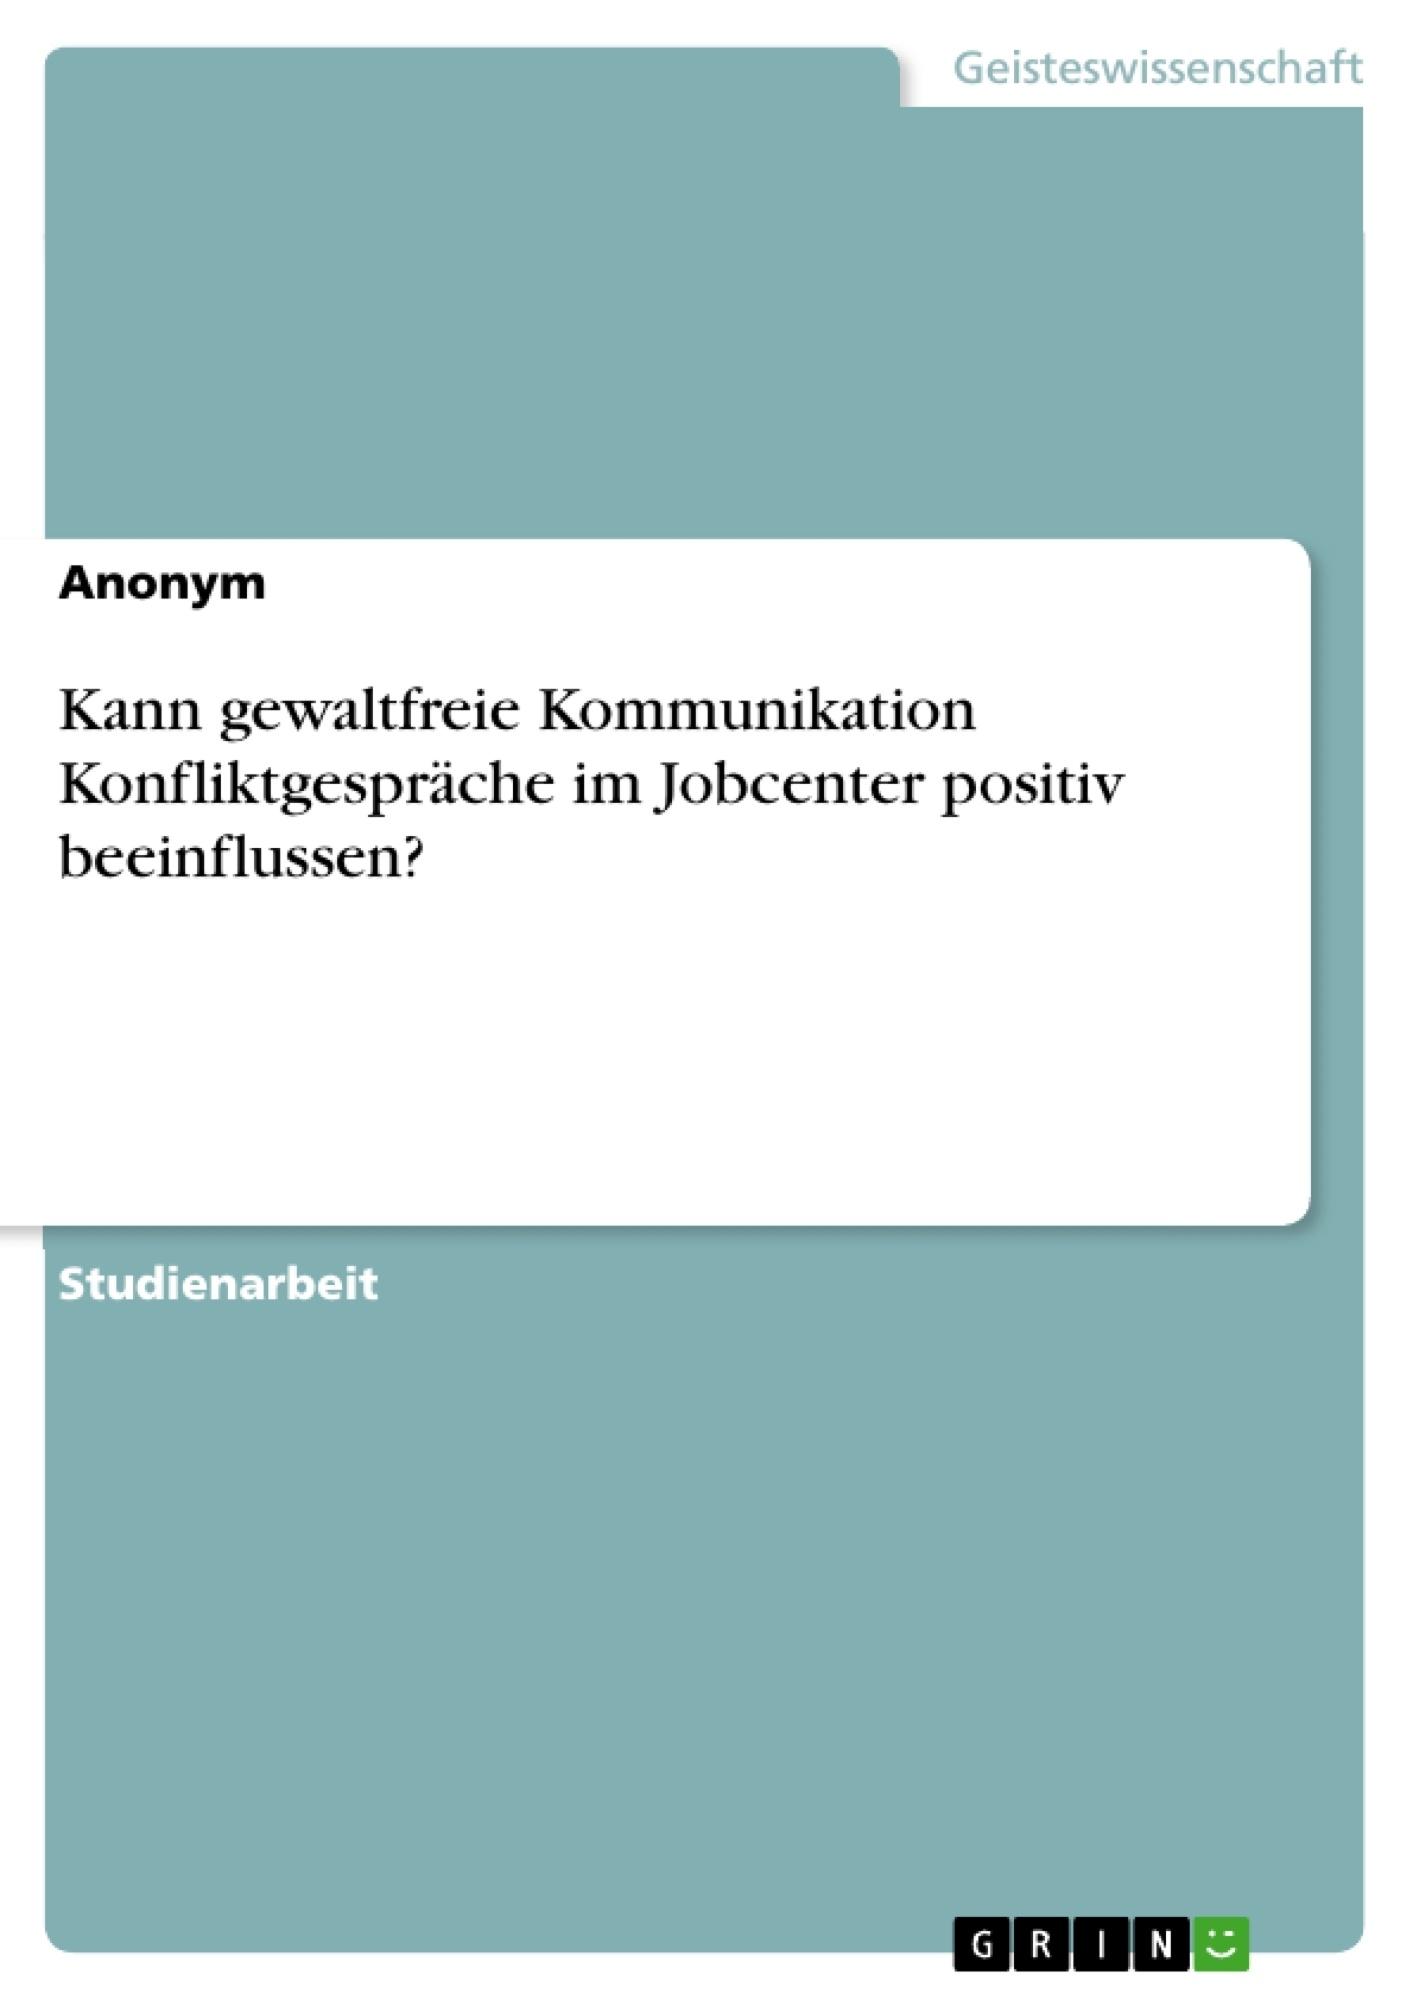 Titel: Kann gewaltfreie Kommunikation Konfliktgespräche im Jobcenter positiv beeinflussen?